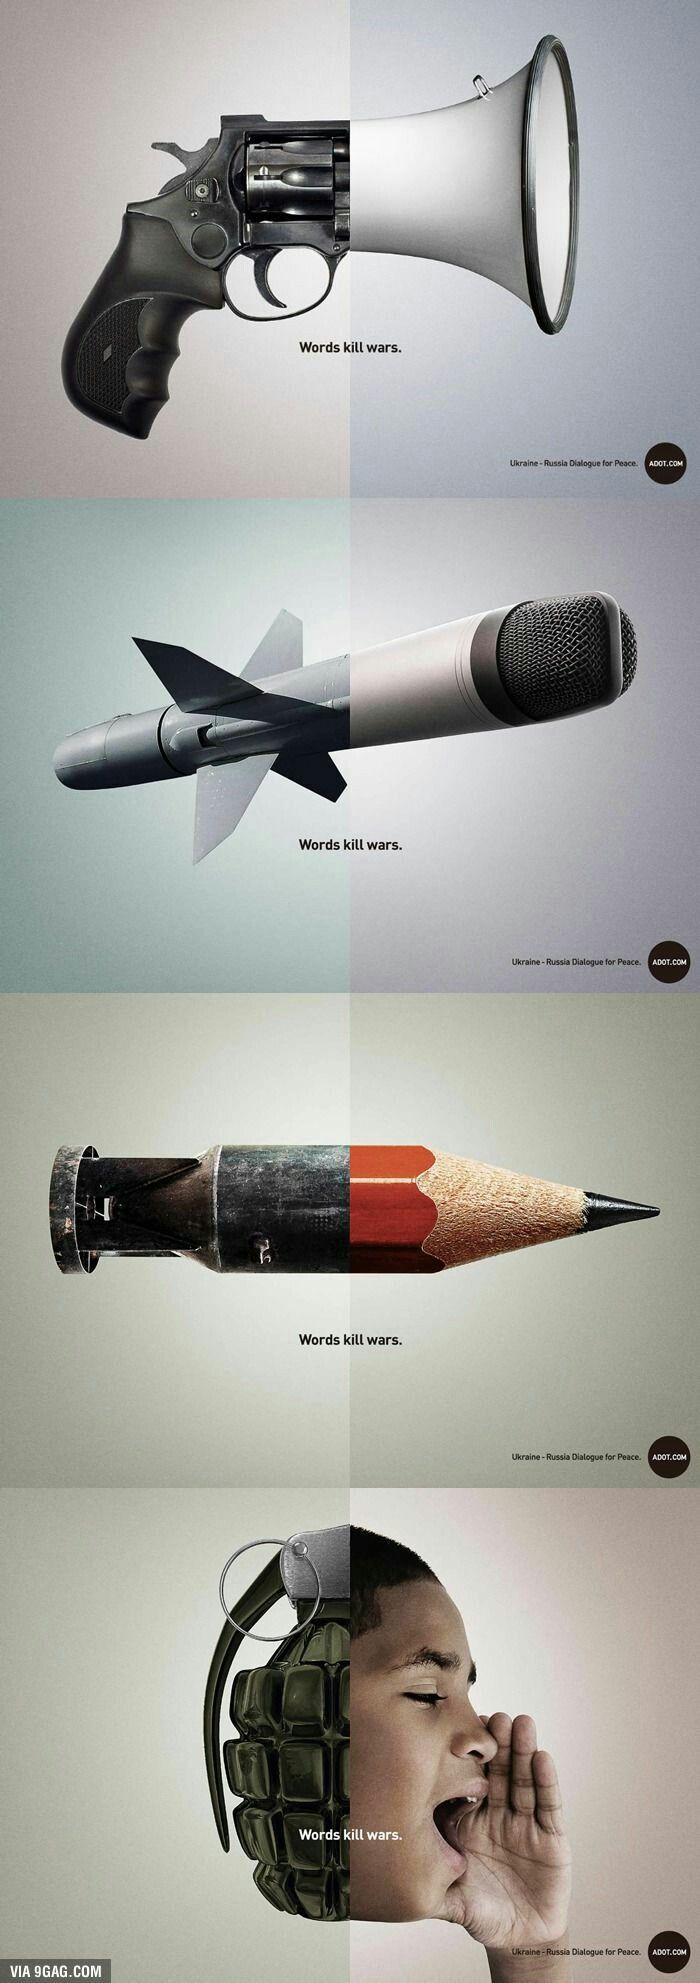 Comunicazione visiva, #manipolazione fotografica e #grafica pubblicitaria…